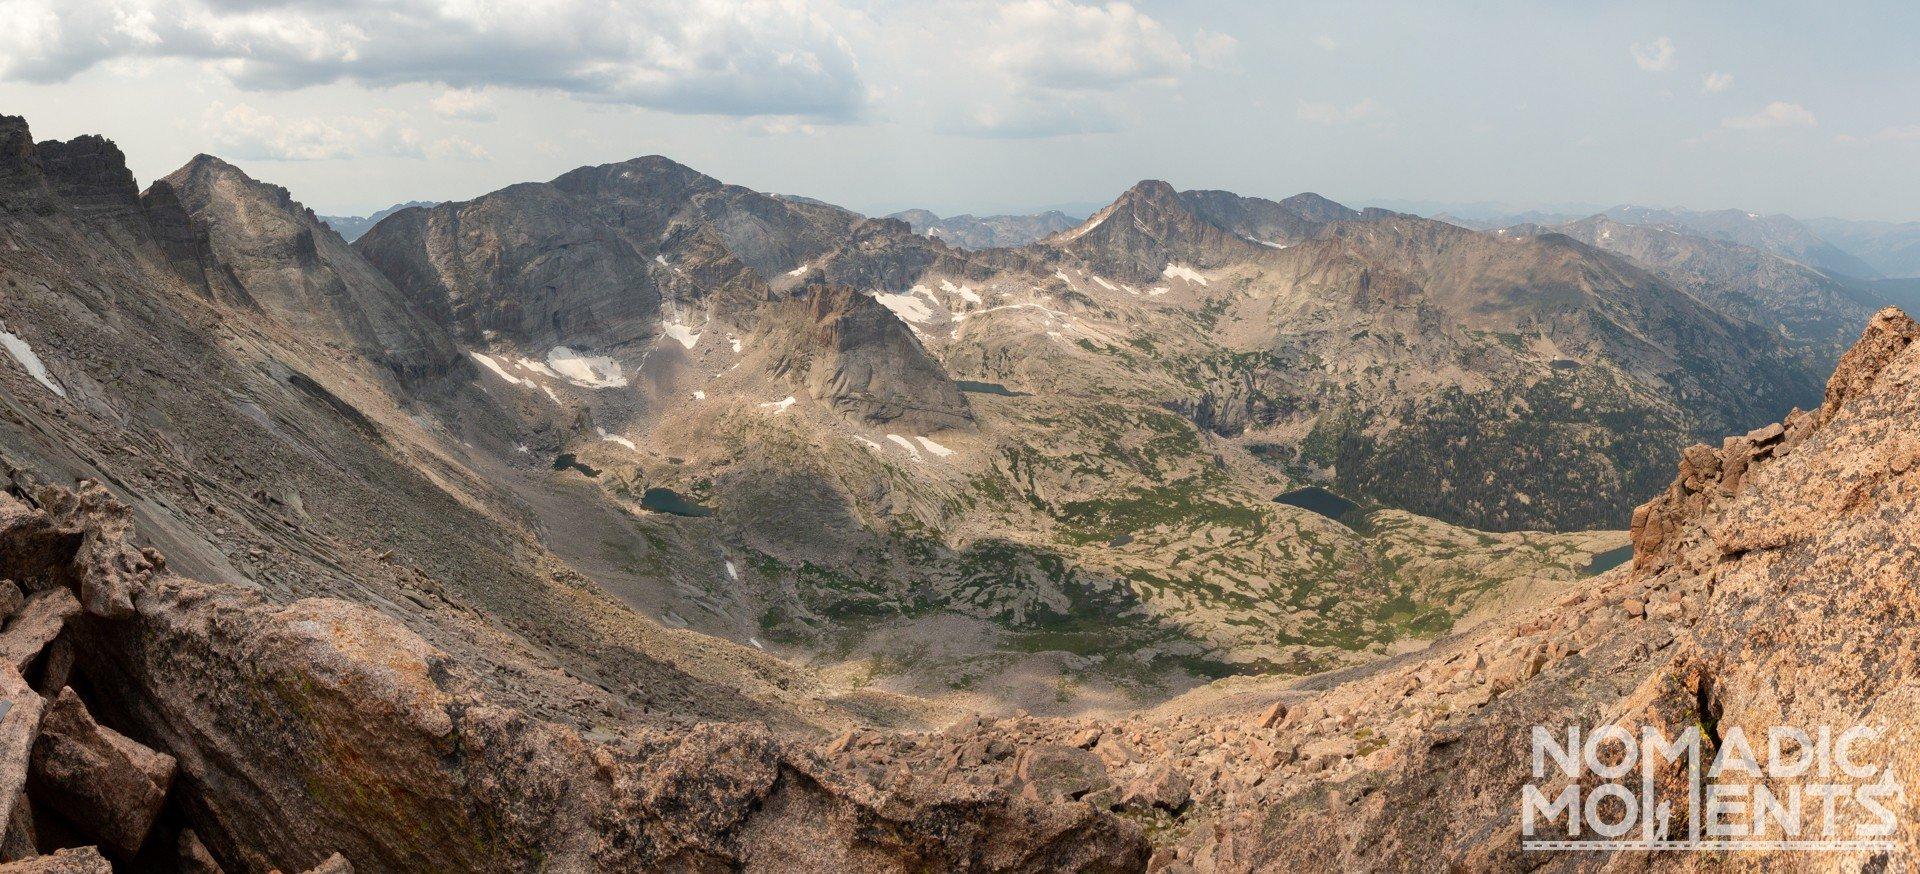 A view of a mountainous landscape.